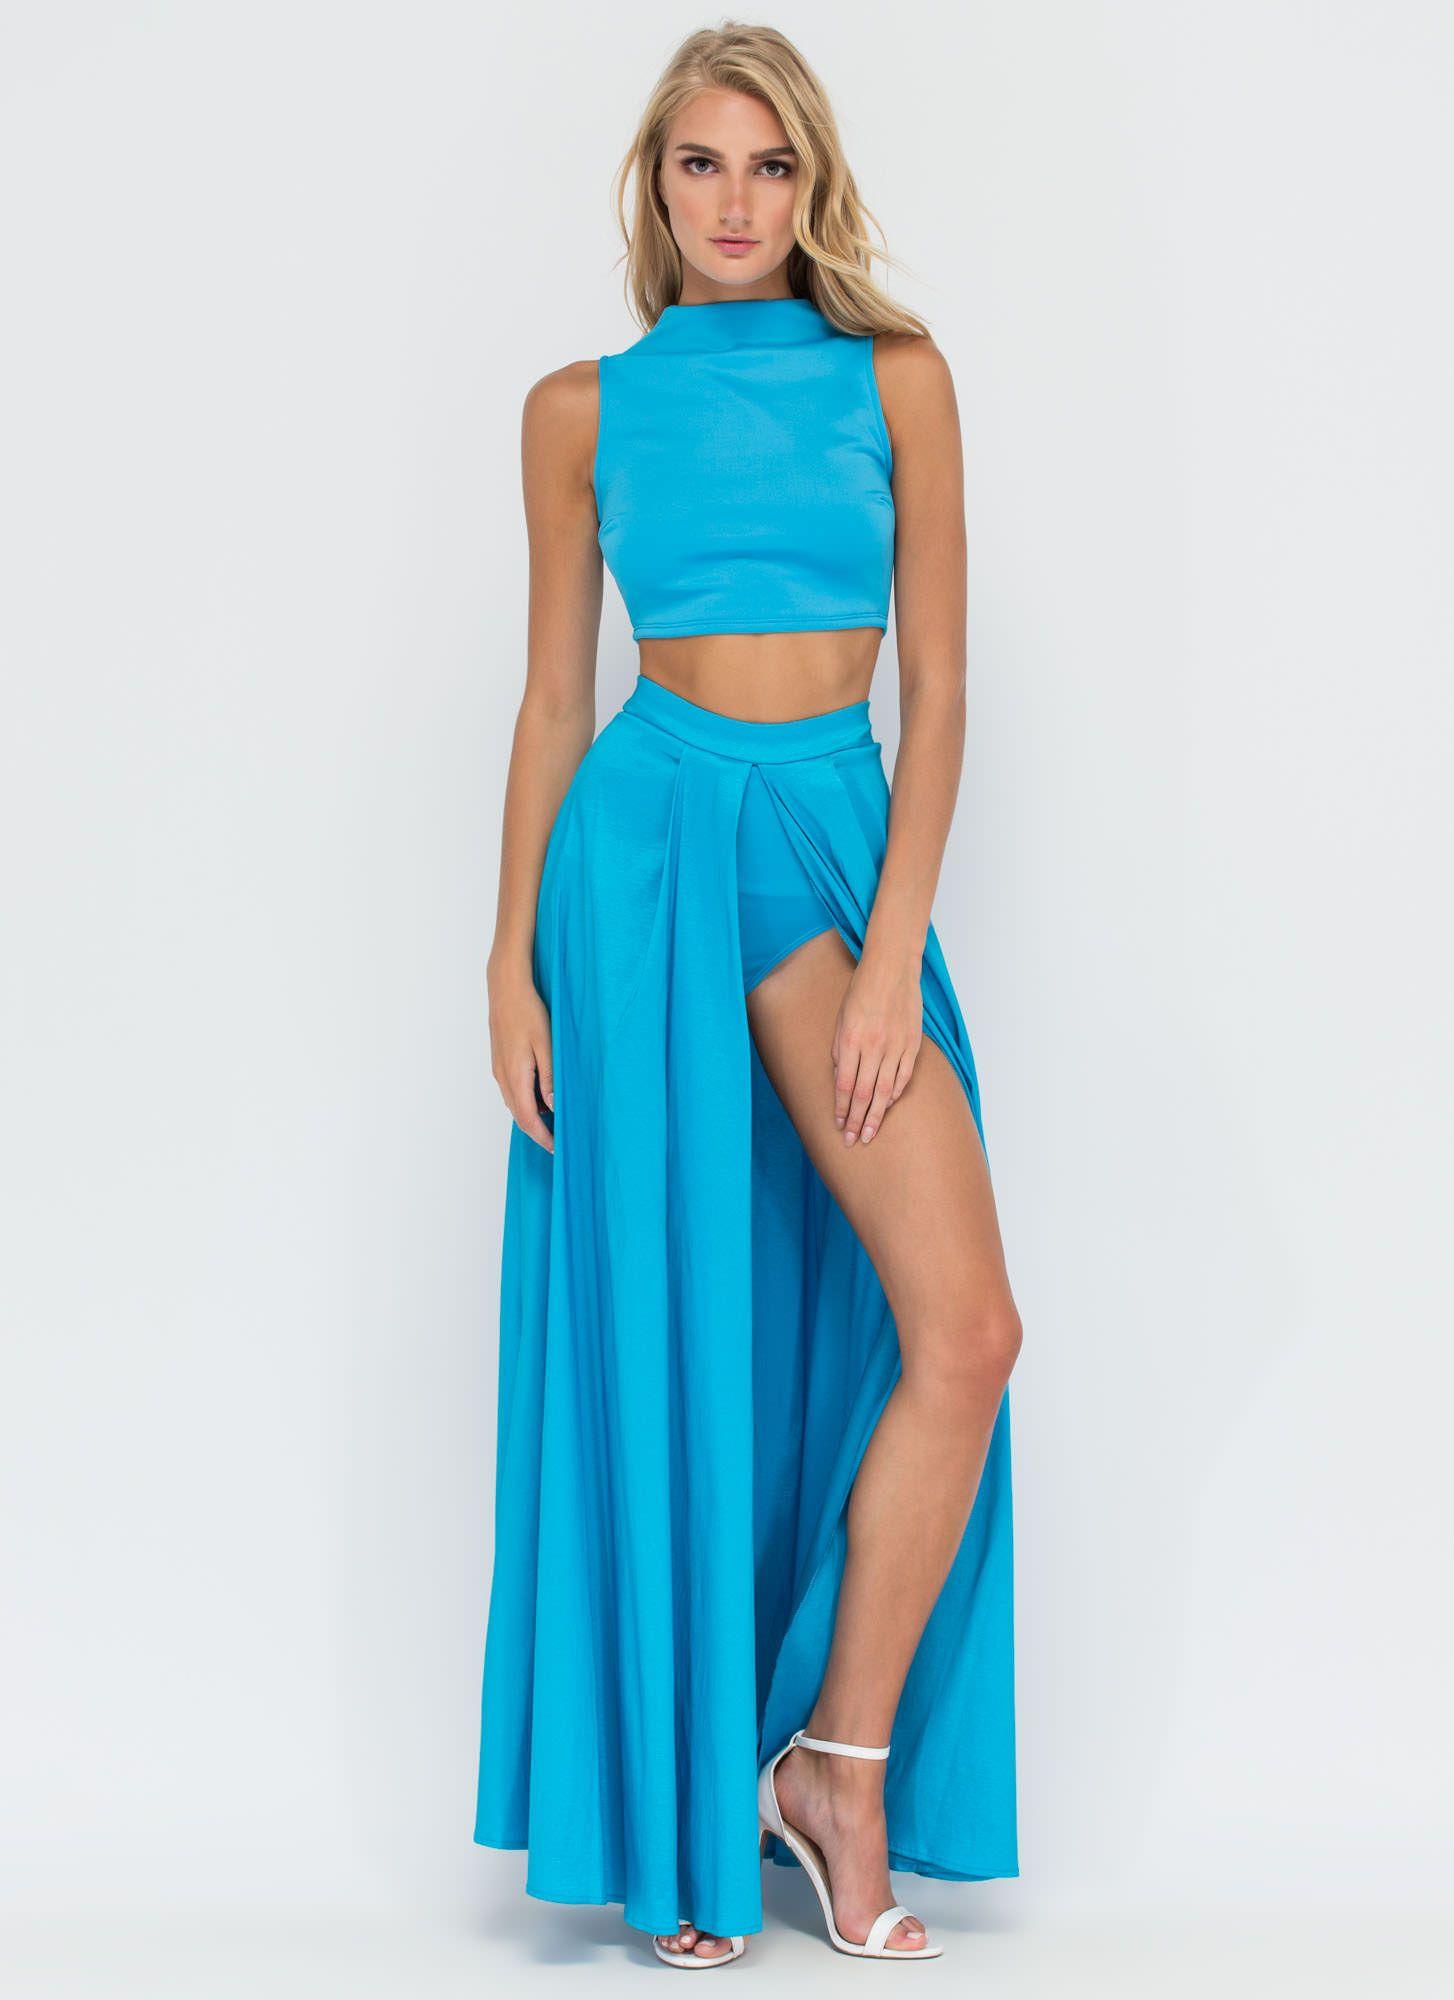 Glam Factor Two-Piece Maxi Dress AQUA - GoJane.com | clothing to buy ...